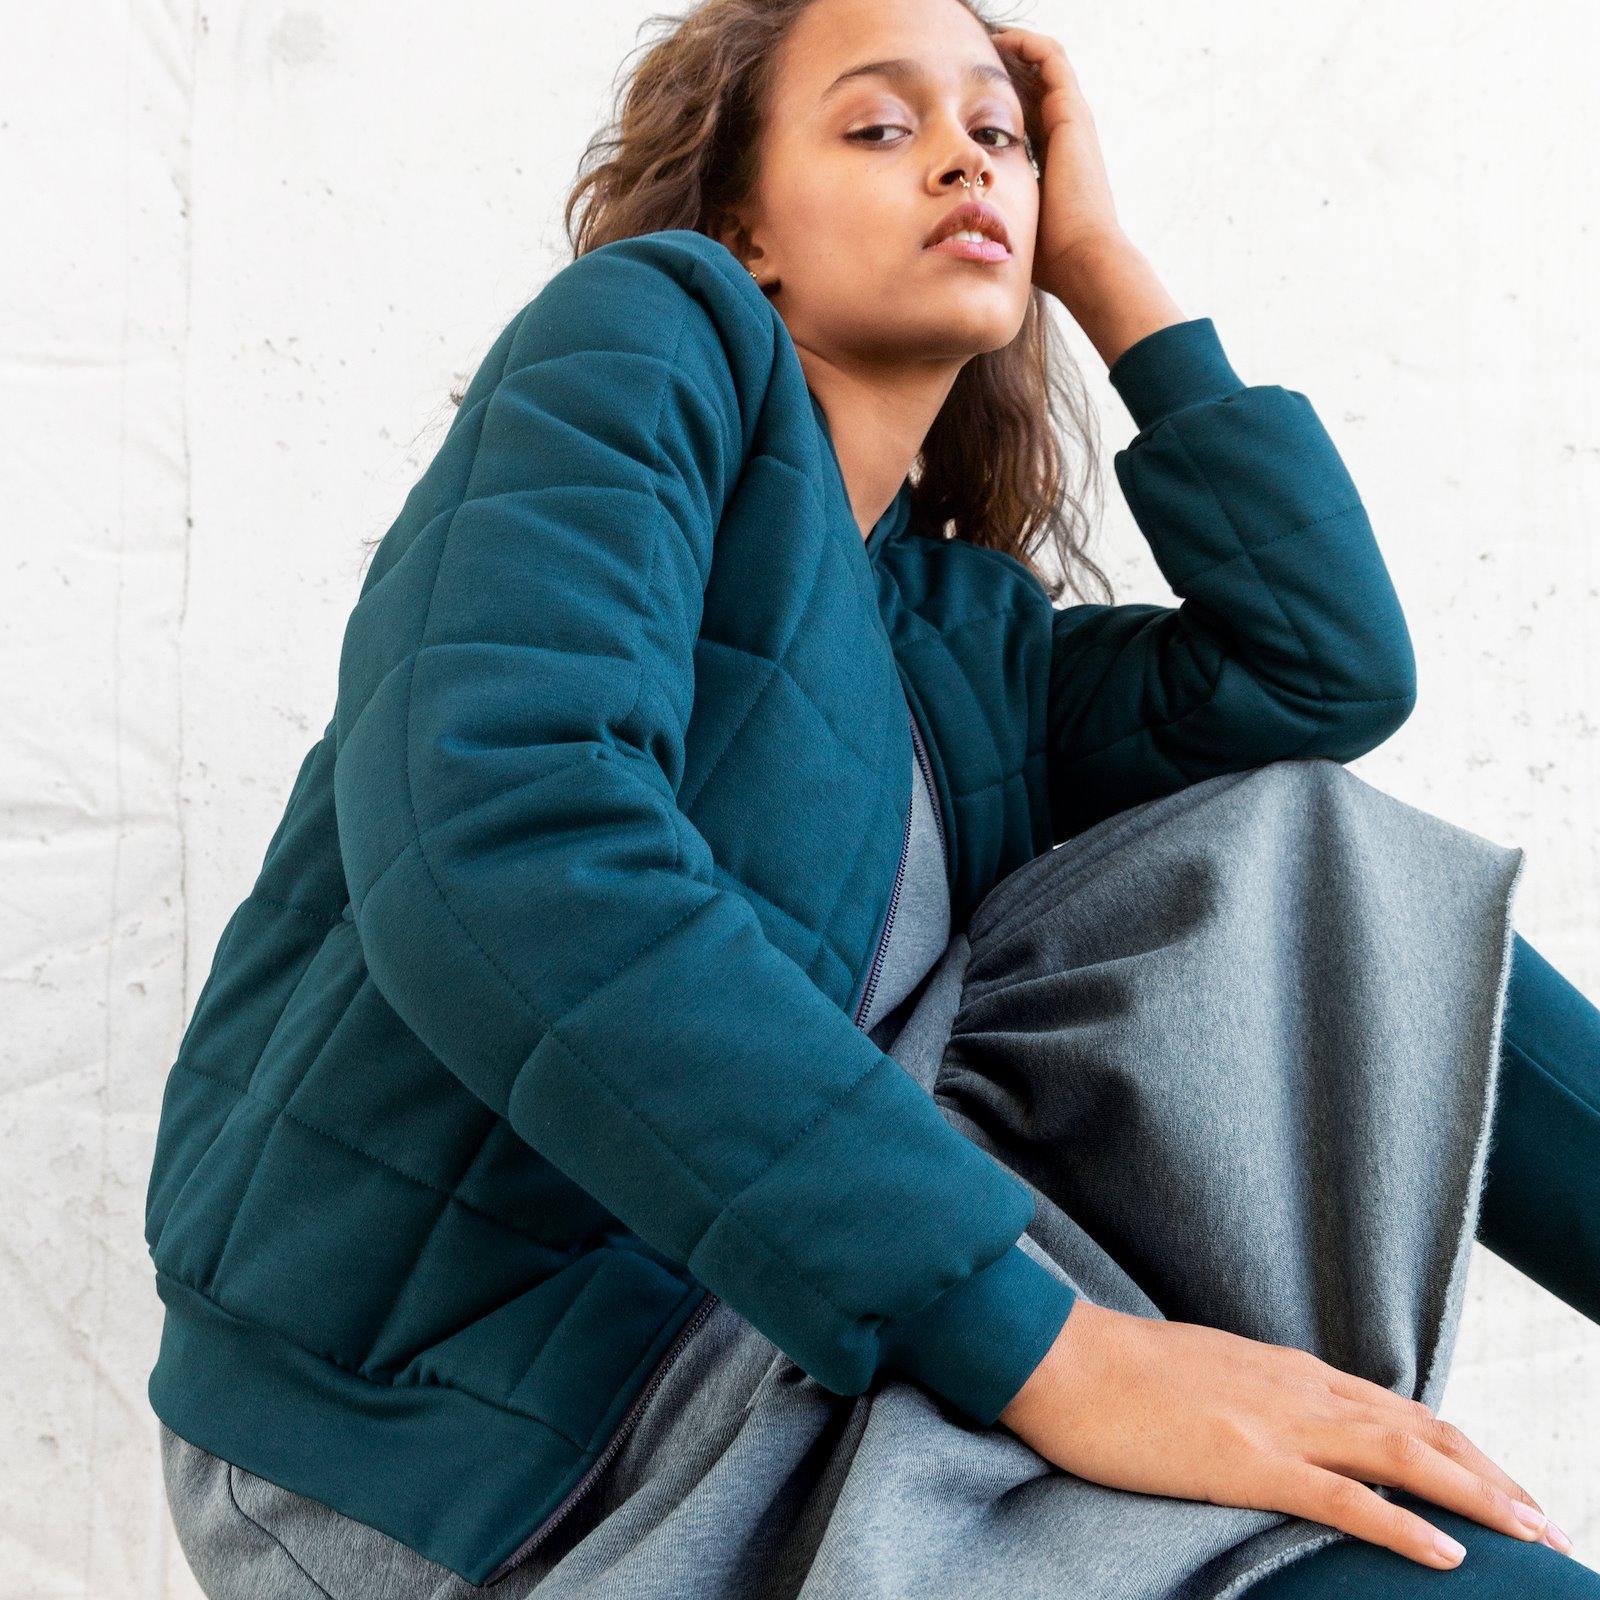 Trousers, 46/18 p23146_211764_p24028_272795_9901_7029_p20050_bundle